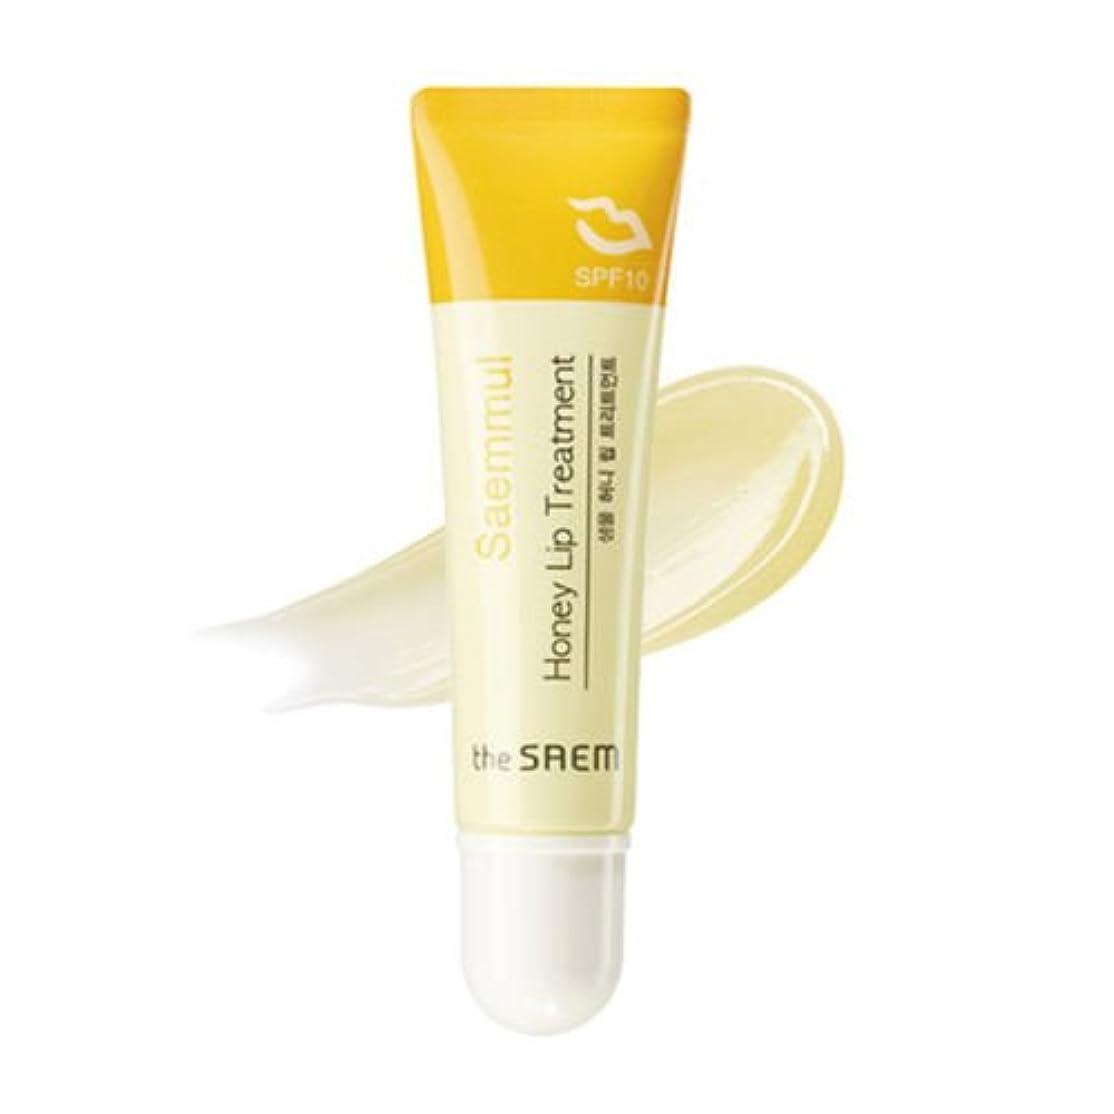 謝る皮液化するthe SAEM ザセム セムムル ハニー リップ トリートメント Saemmul Honey Lip Treatment 10ml 韓国コスメ